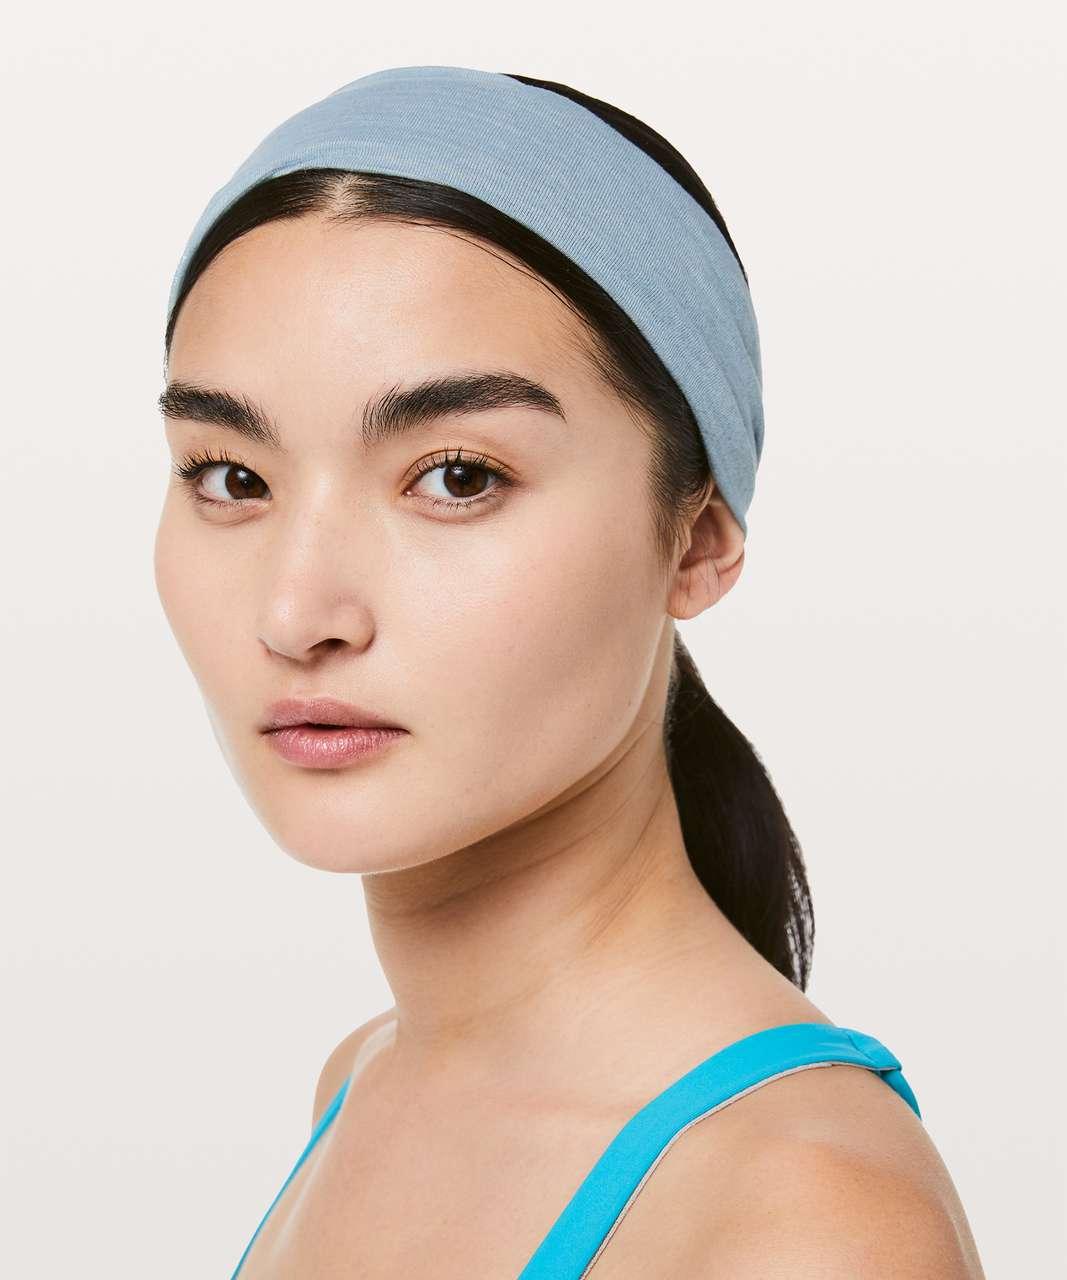 Lululemon Fringe Fighter Headband - Heathered Blue Cast / Heathered Utility Blue